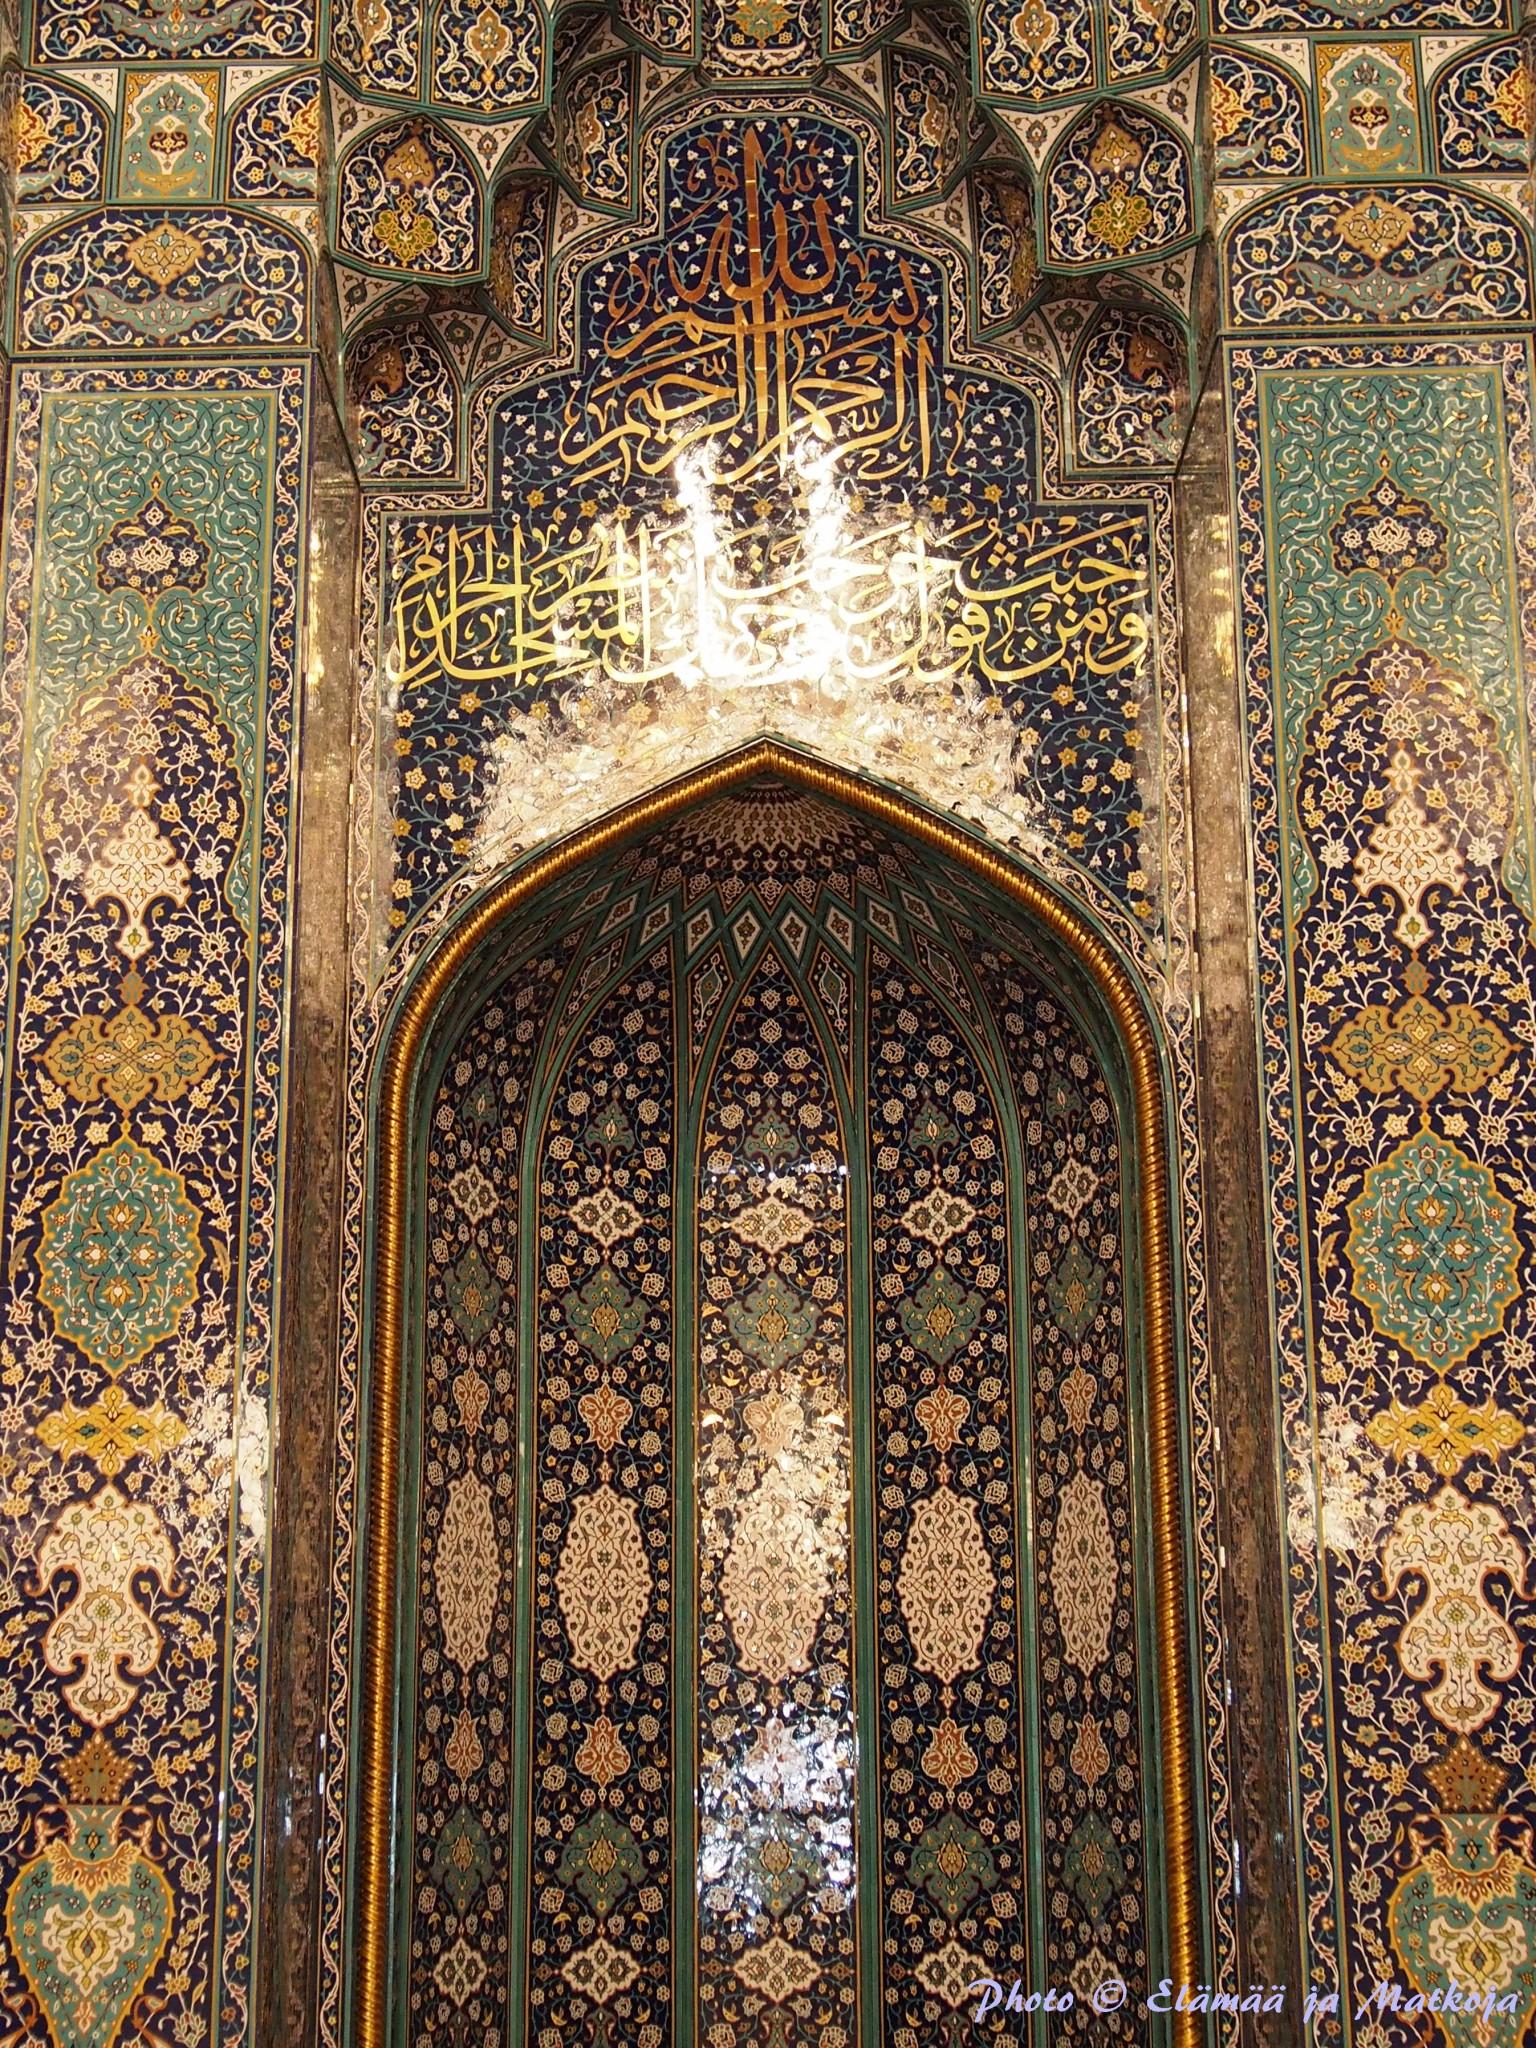 Oman Sultan Qaboos Grand Mosque 2 Photo © Elämää ja Matkoja